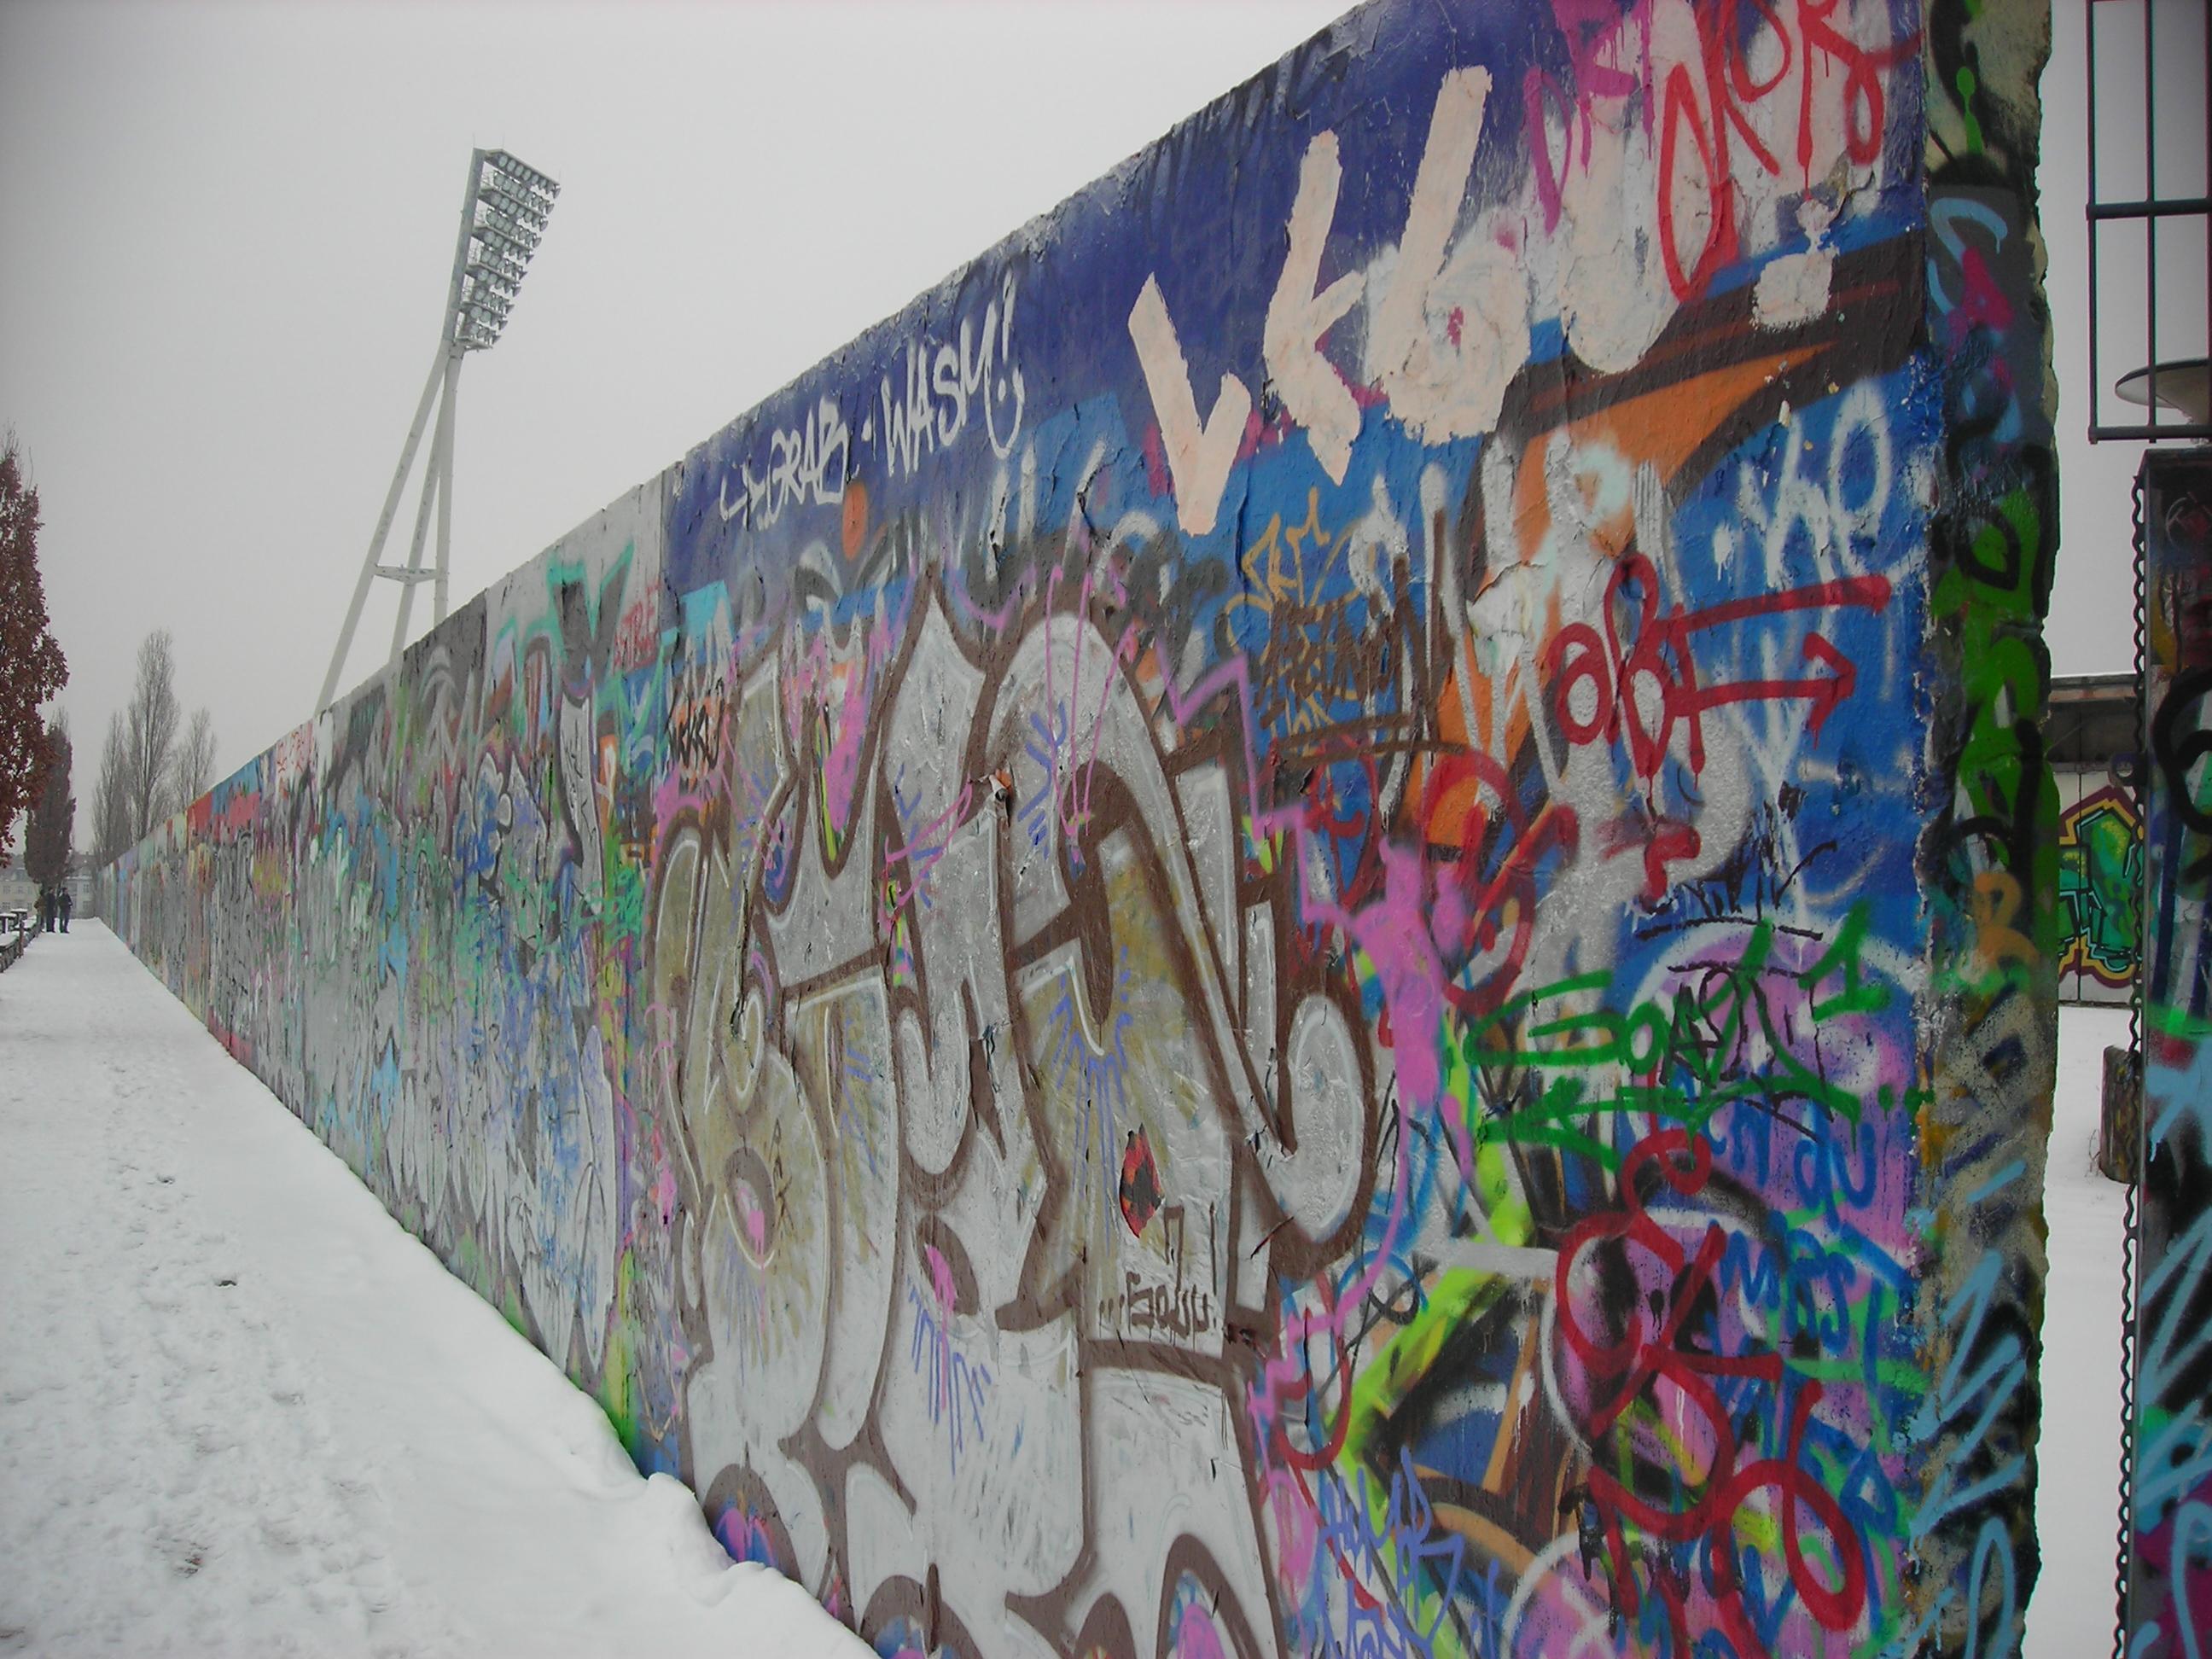 25 anni dopo la caduta del muro di berlino buzzing for Immagini di murales e graffiti